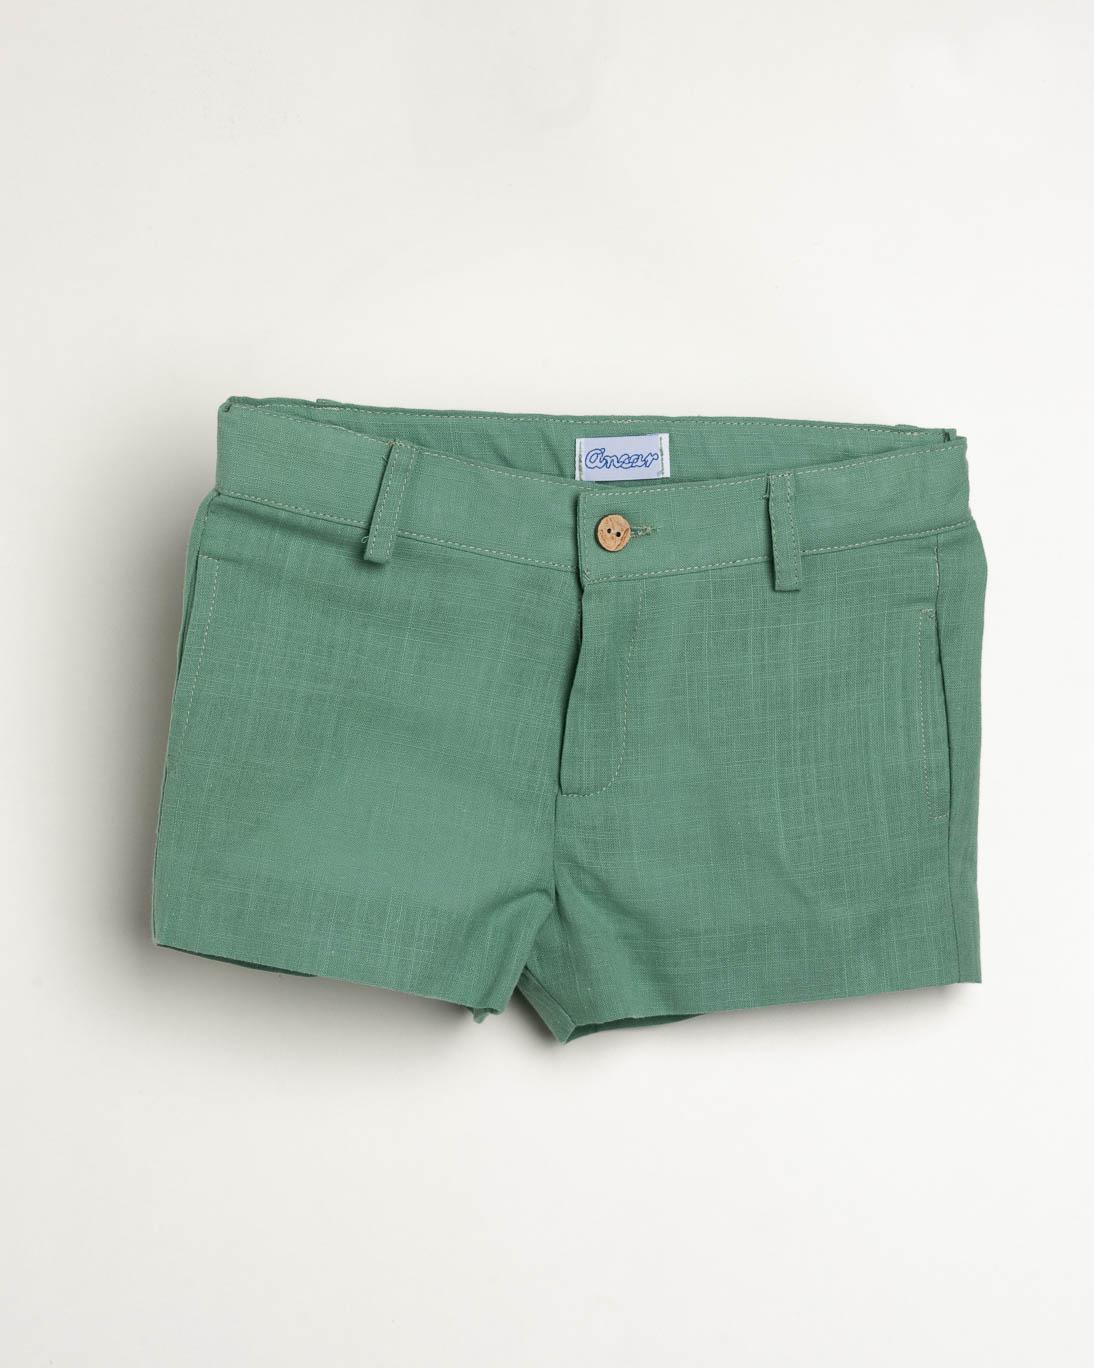 Pantalón Ancar lino color verde.